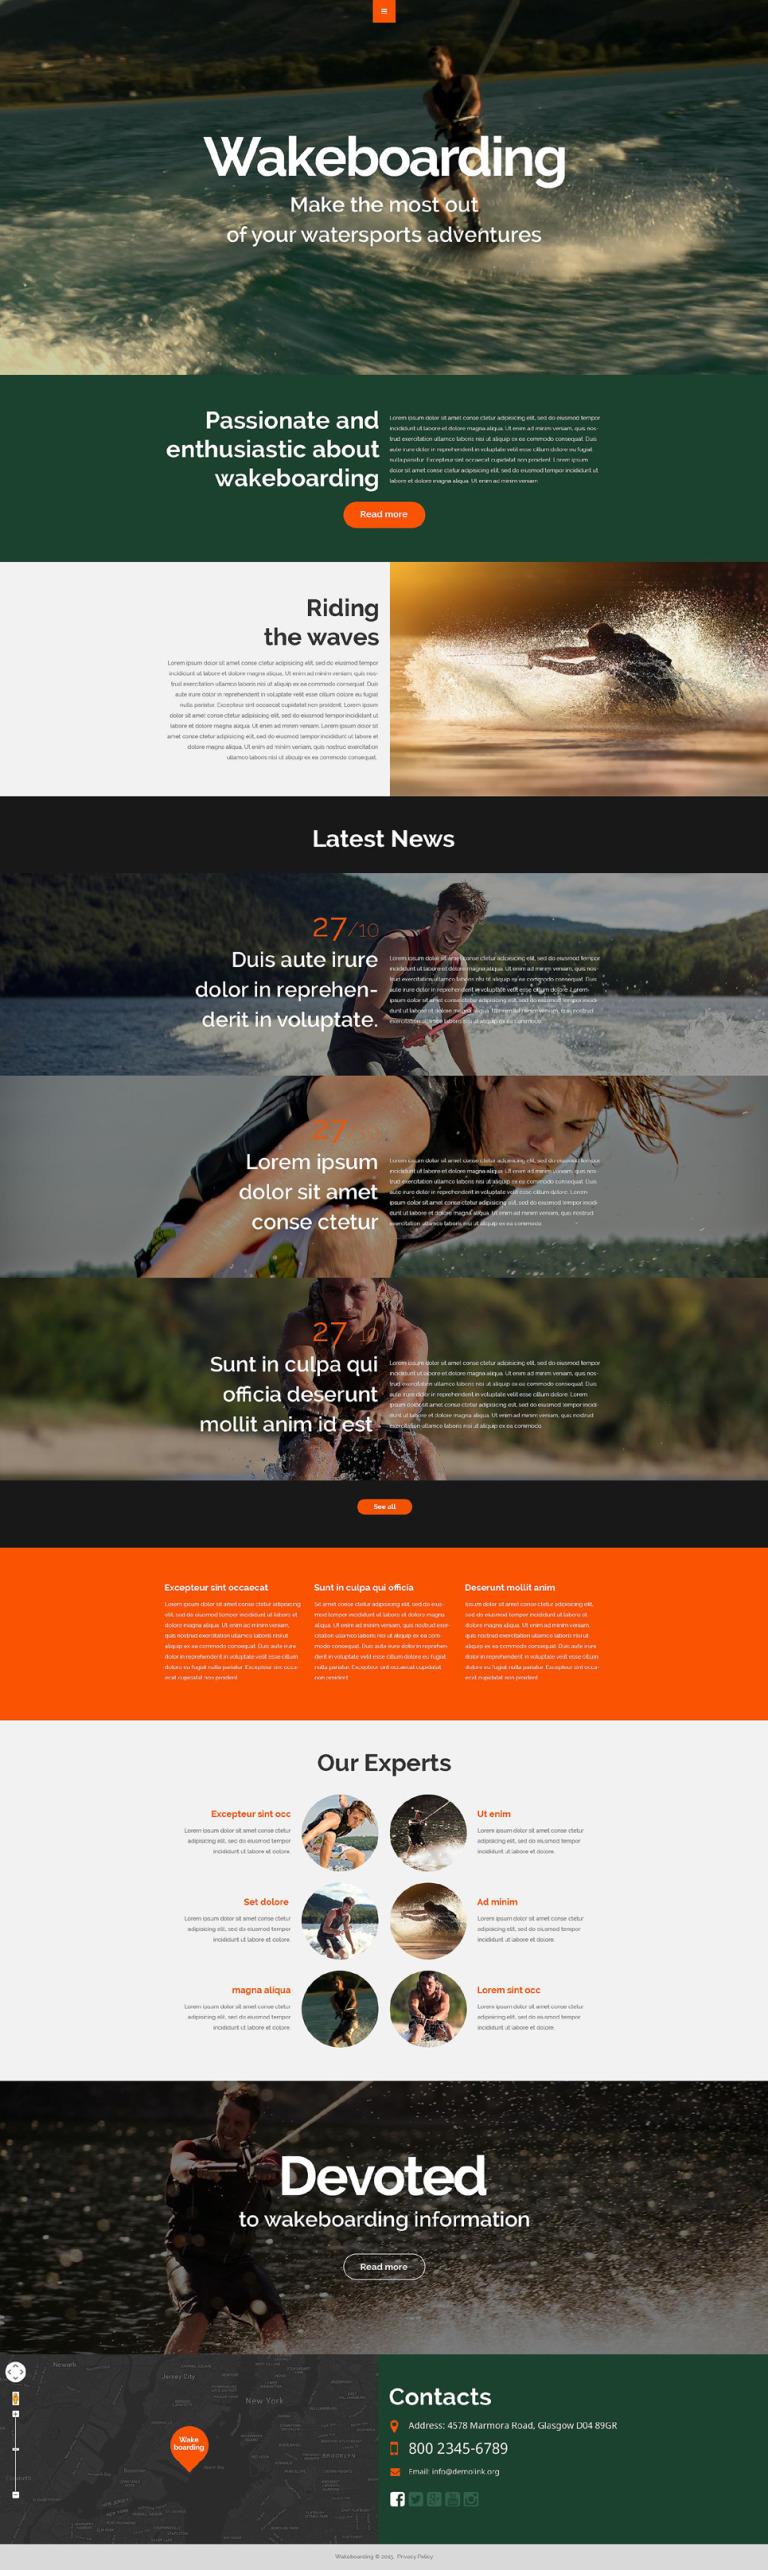 Wakeboarding Responsive Website Template New Screenshots BIG